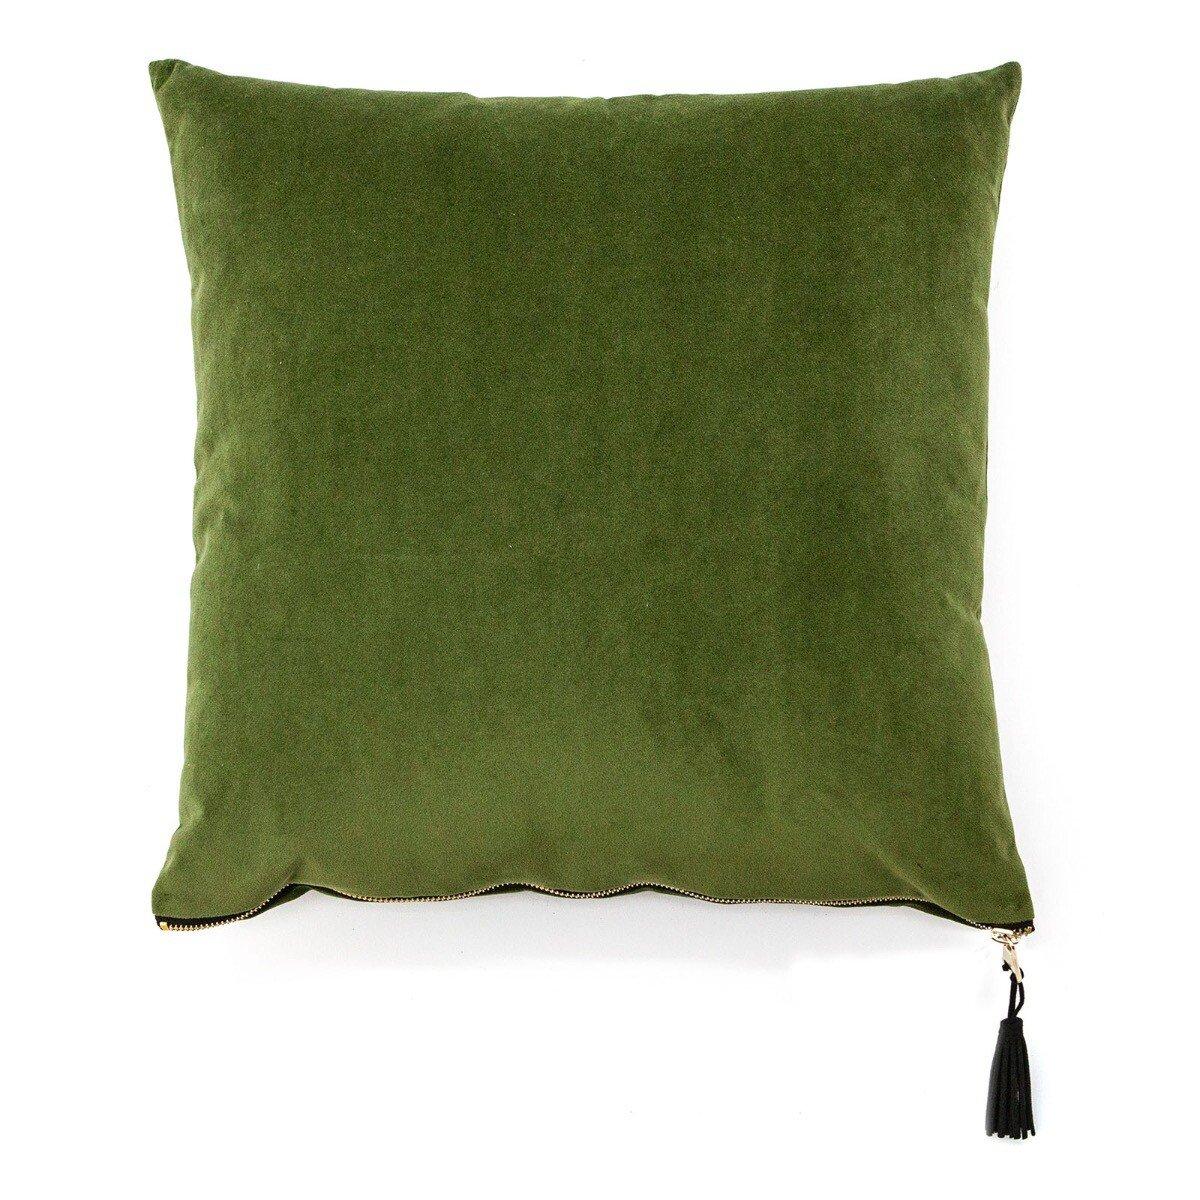 By Boo sierkussen stuart groen 45 x 45